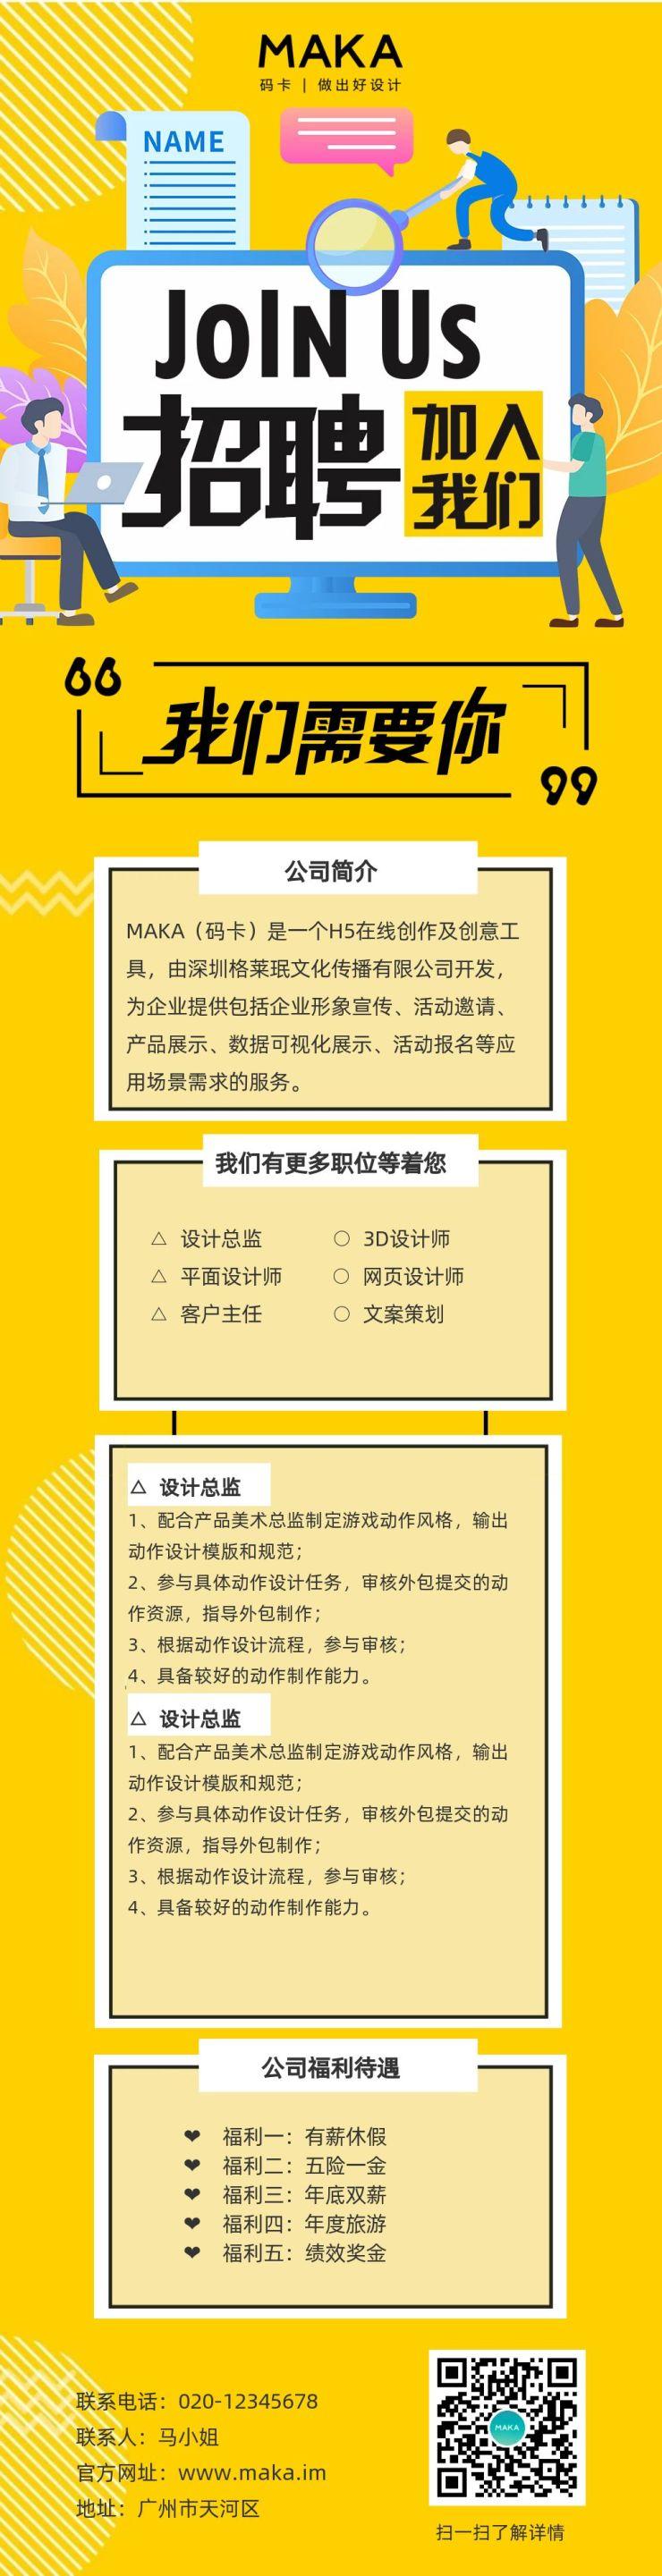 黄色平扁简约通用招聘文章长图